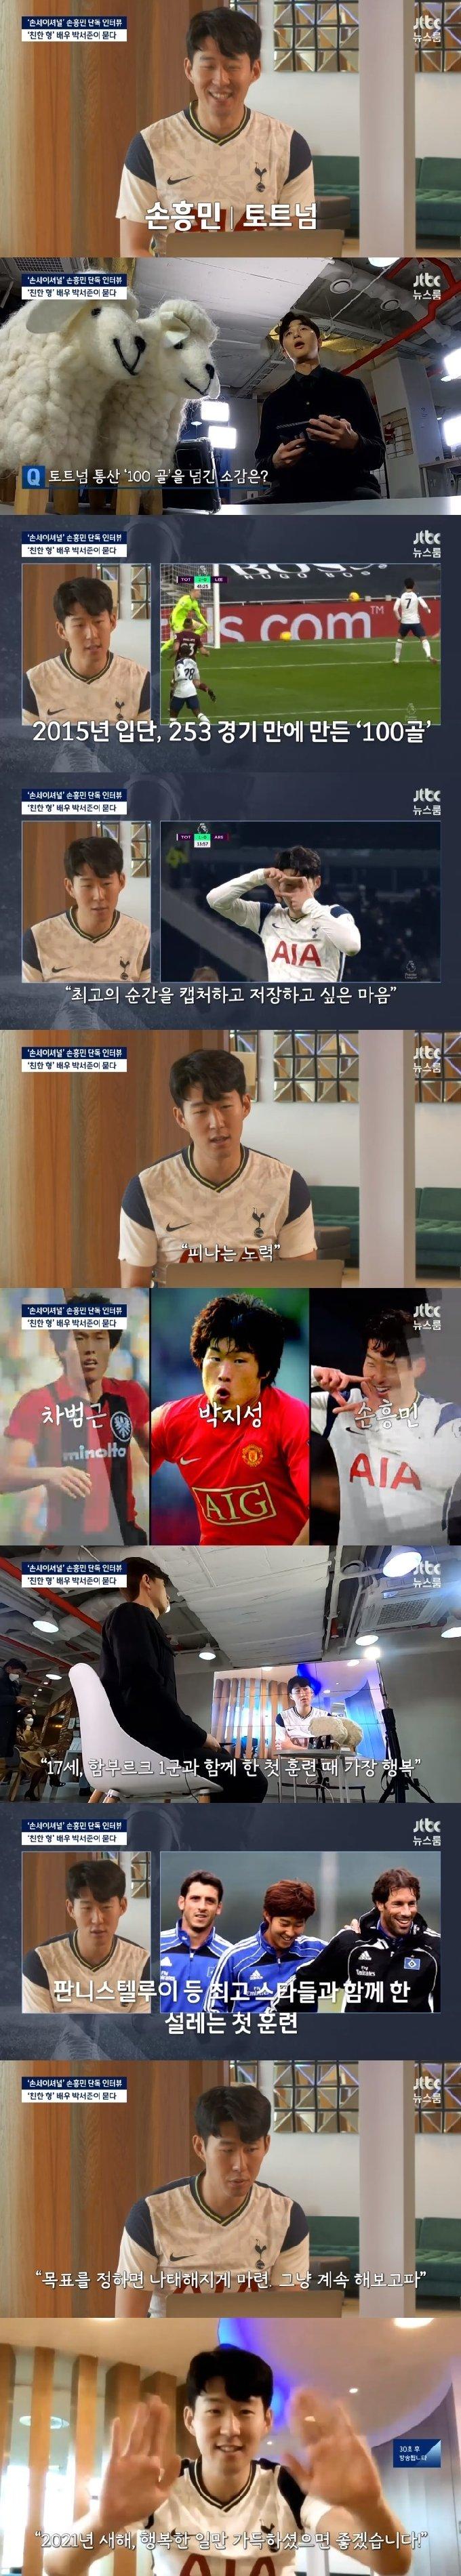 JTBC '뉴스룸' 캡처 © 뉴스1